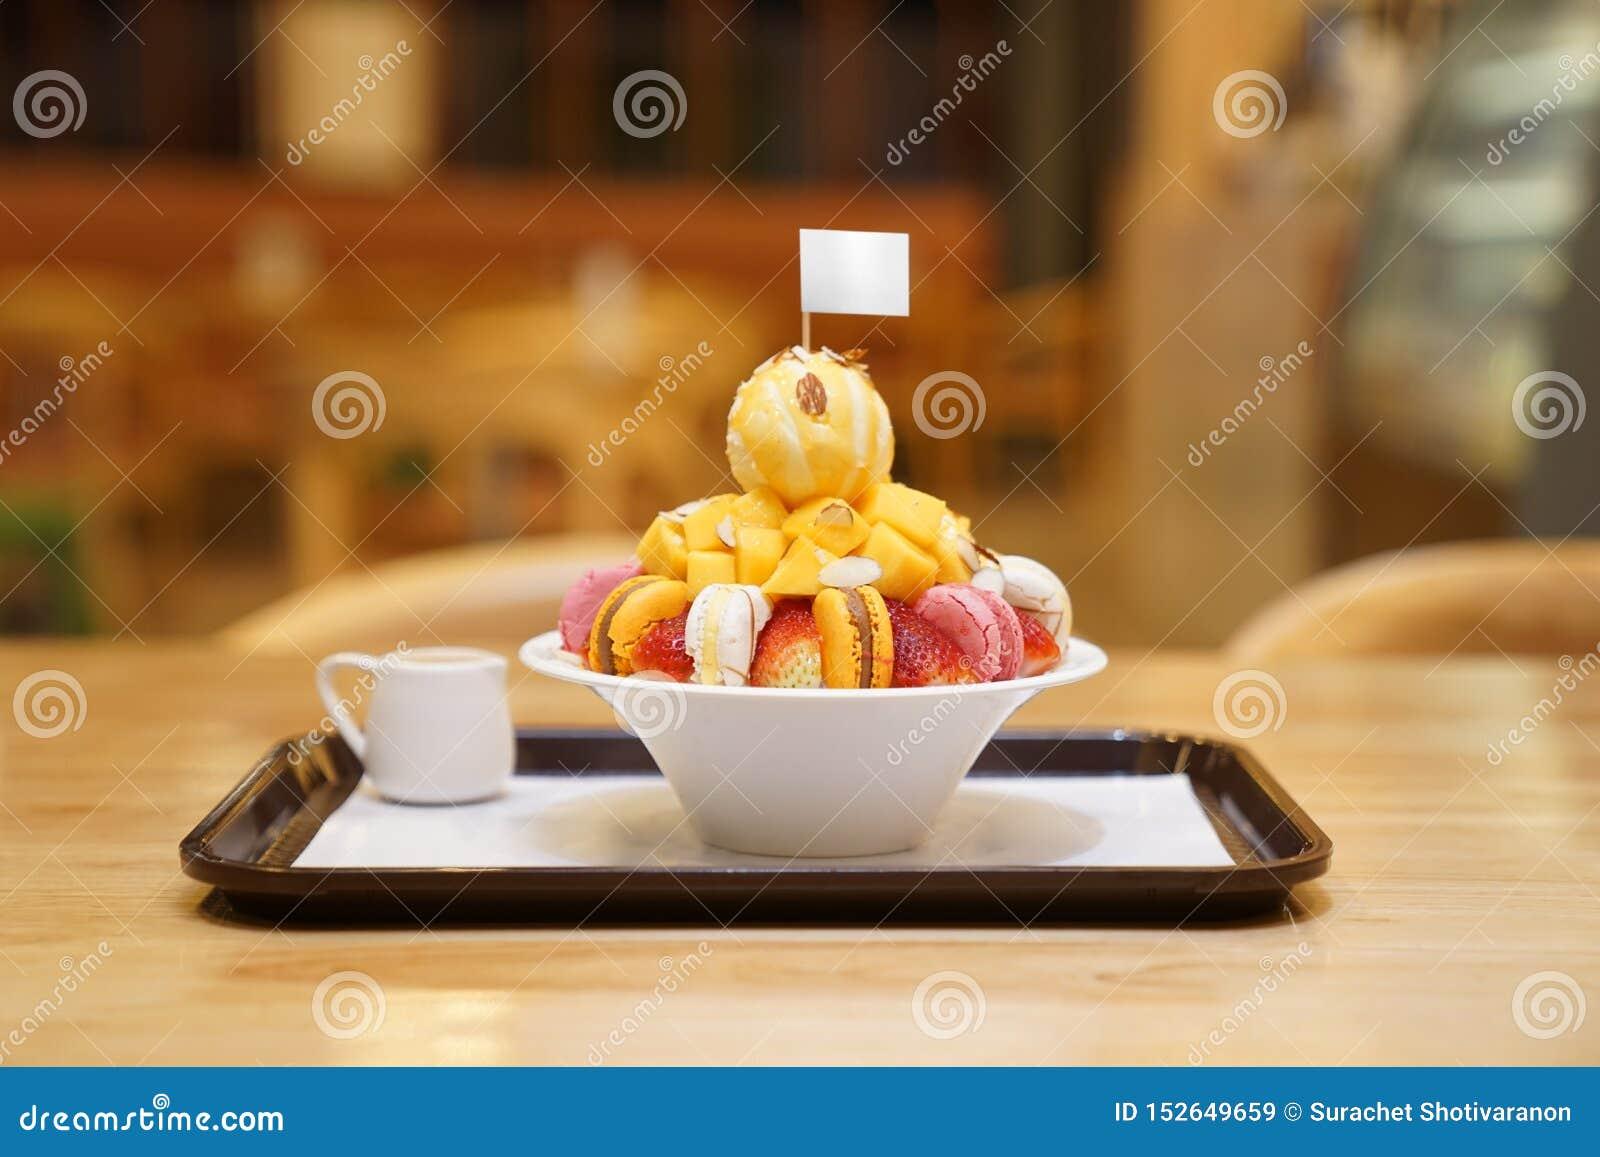 Bingsu, азиатский лед, свежий десерт лета с macron, клубника, миндалина и ванильное мороженое Побритый и политый с услащенный